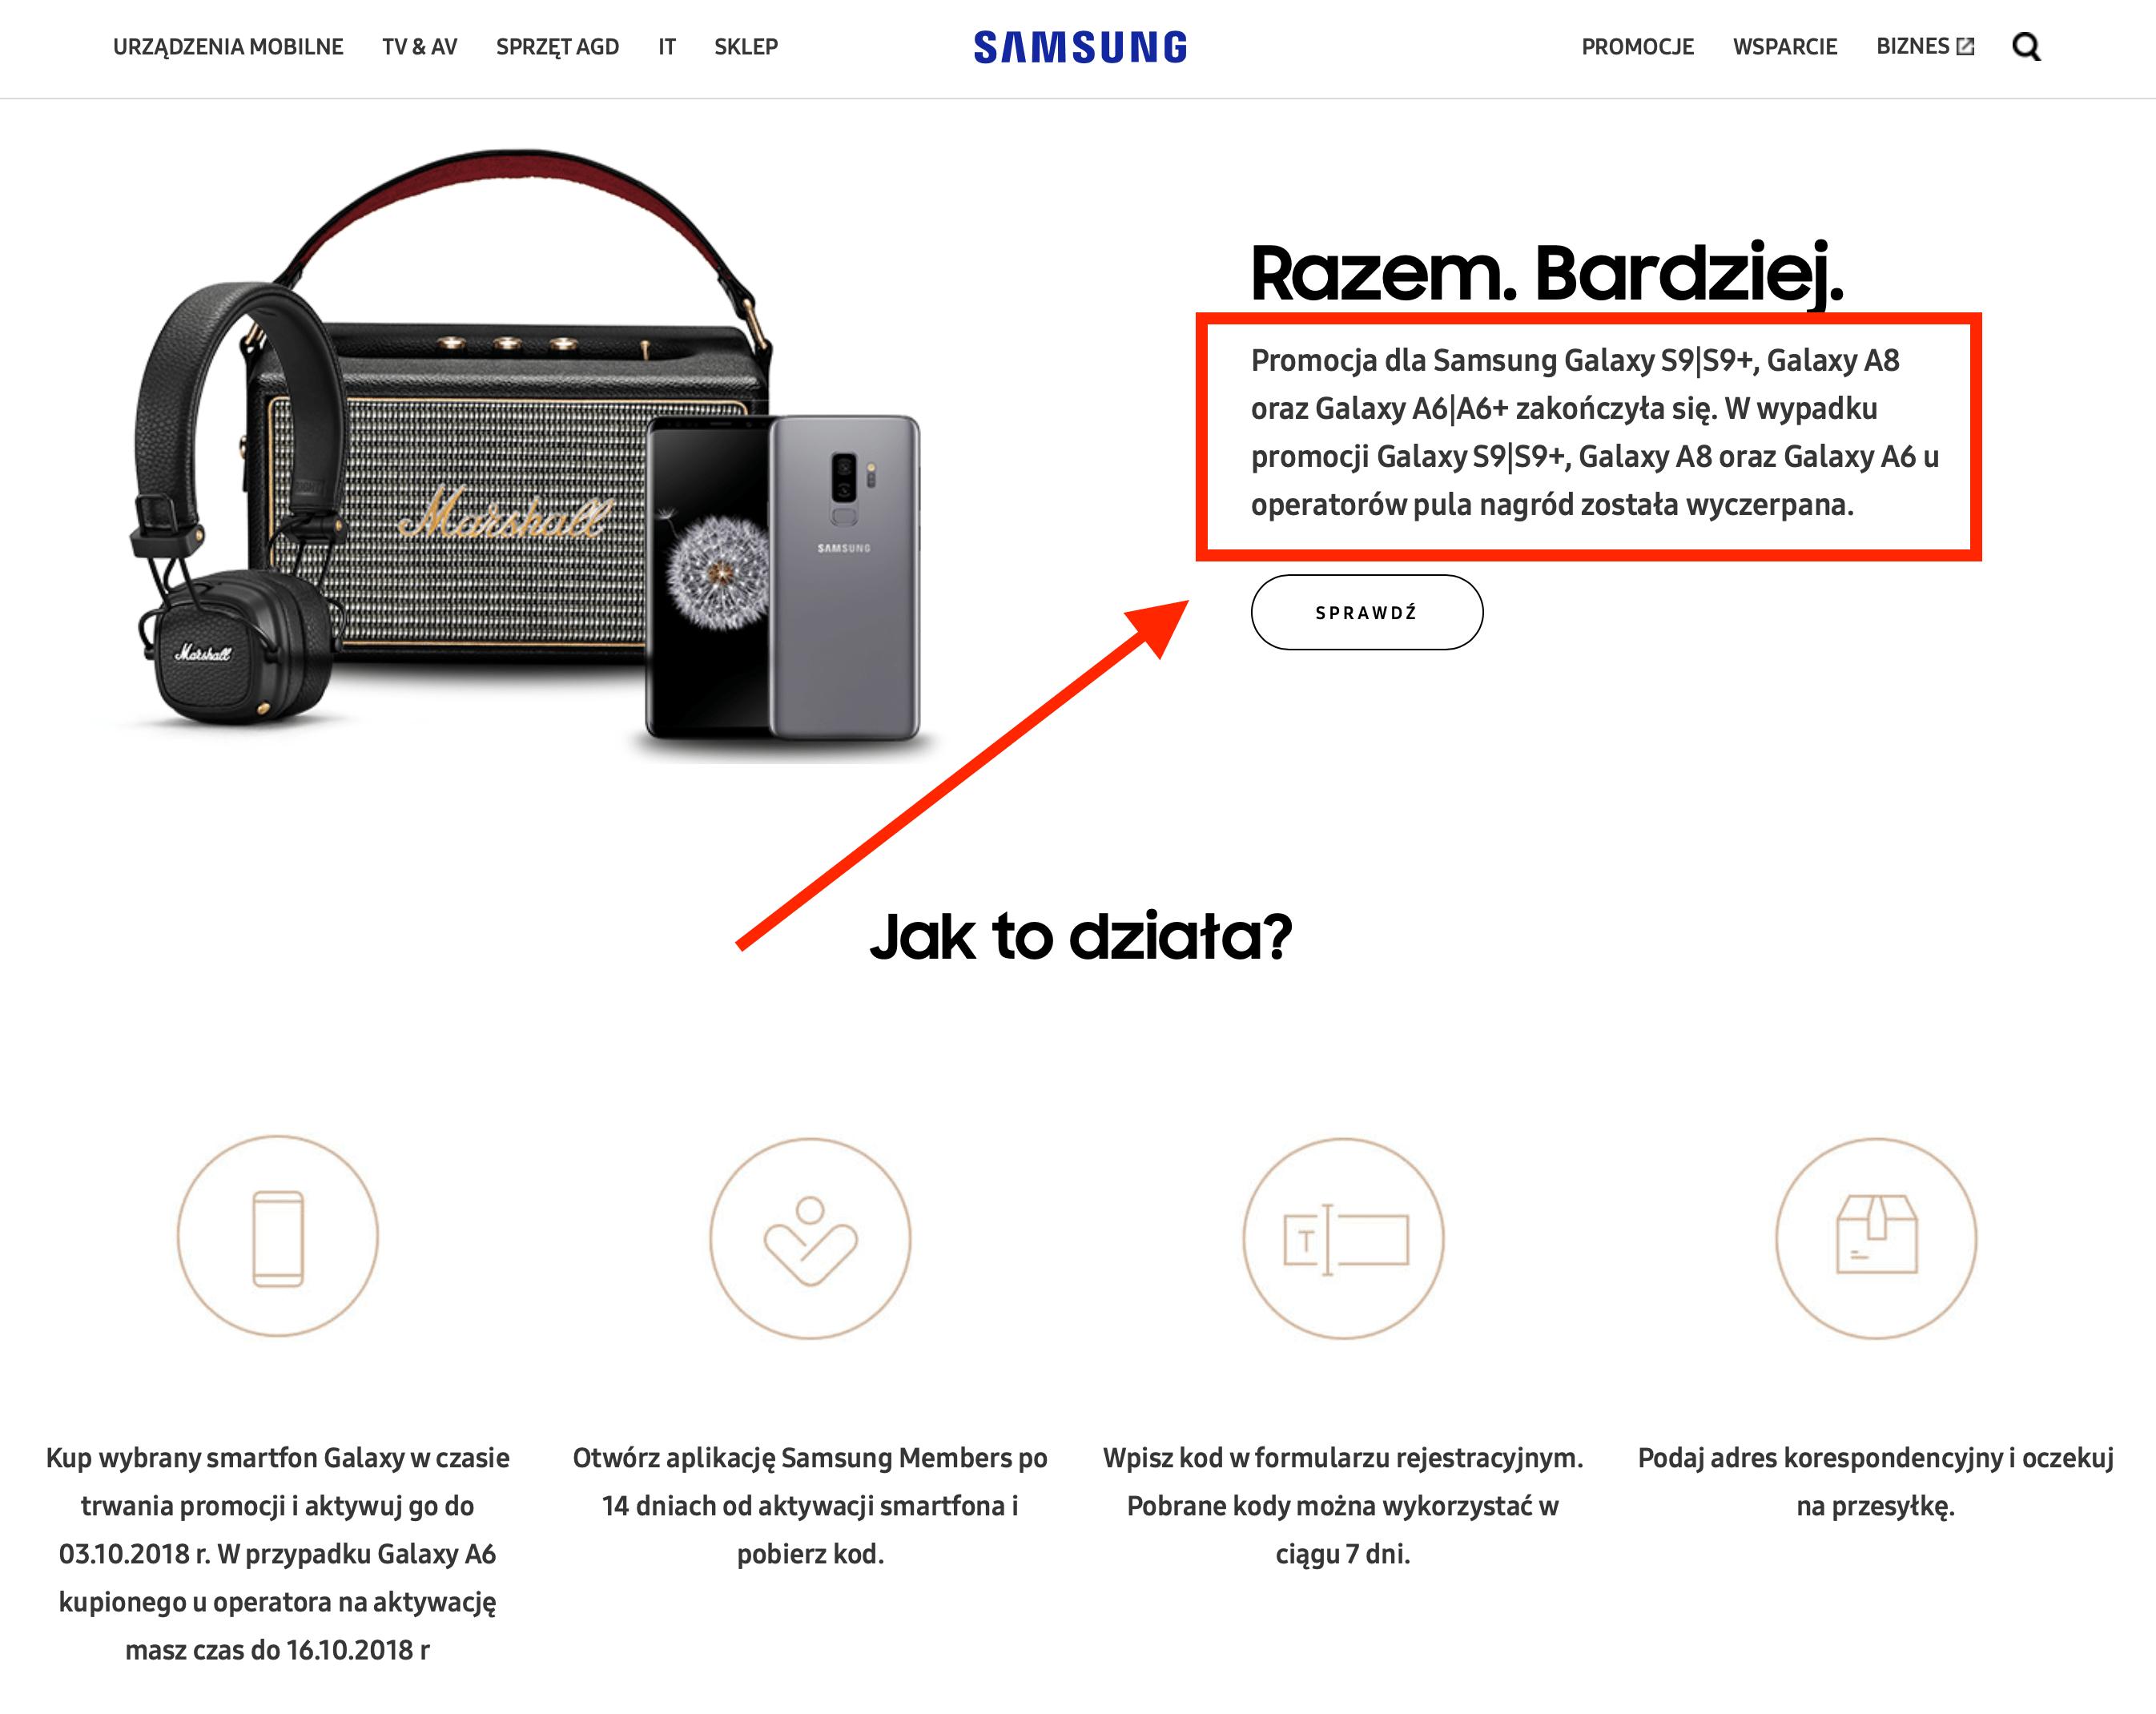 Samsung obiecał odkupić smartfony od klientów i miał im dać głośnik bluetooth, ale tego nie zrobił? Wyjaśniamy